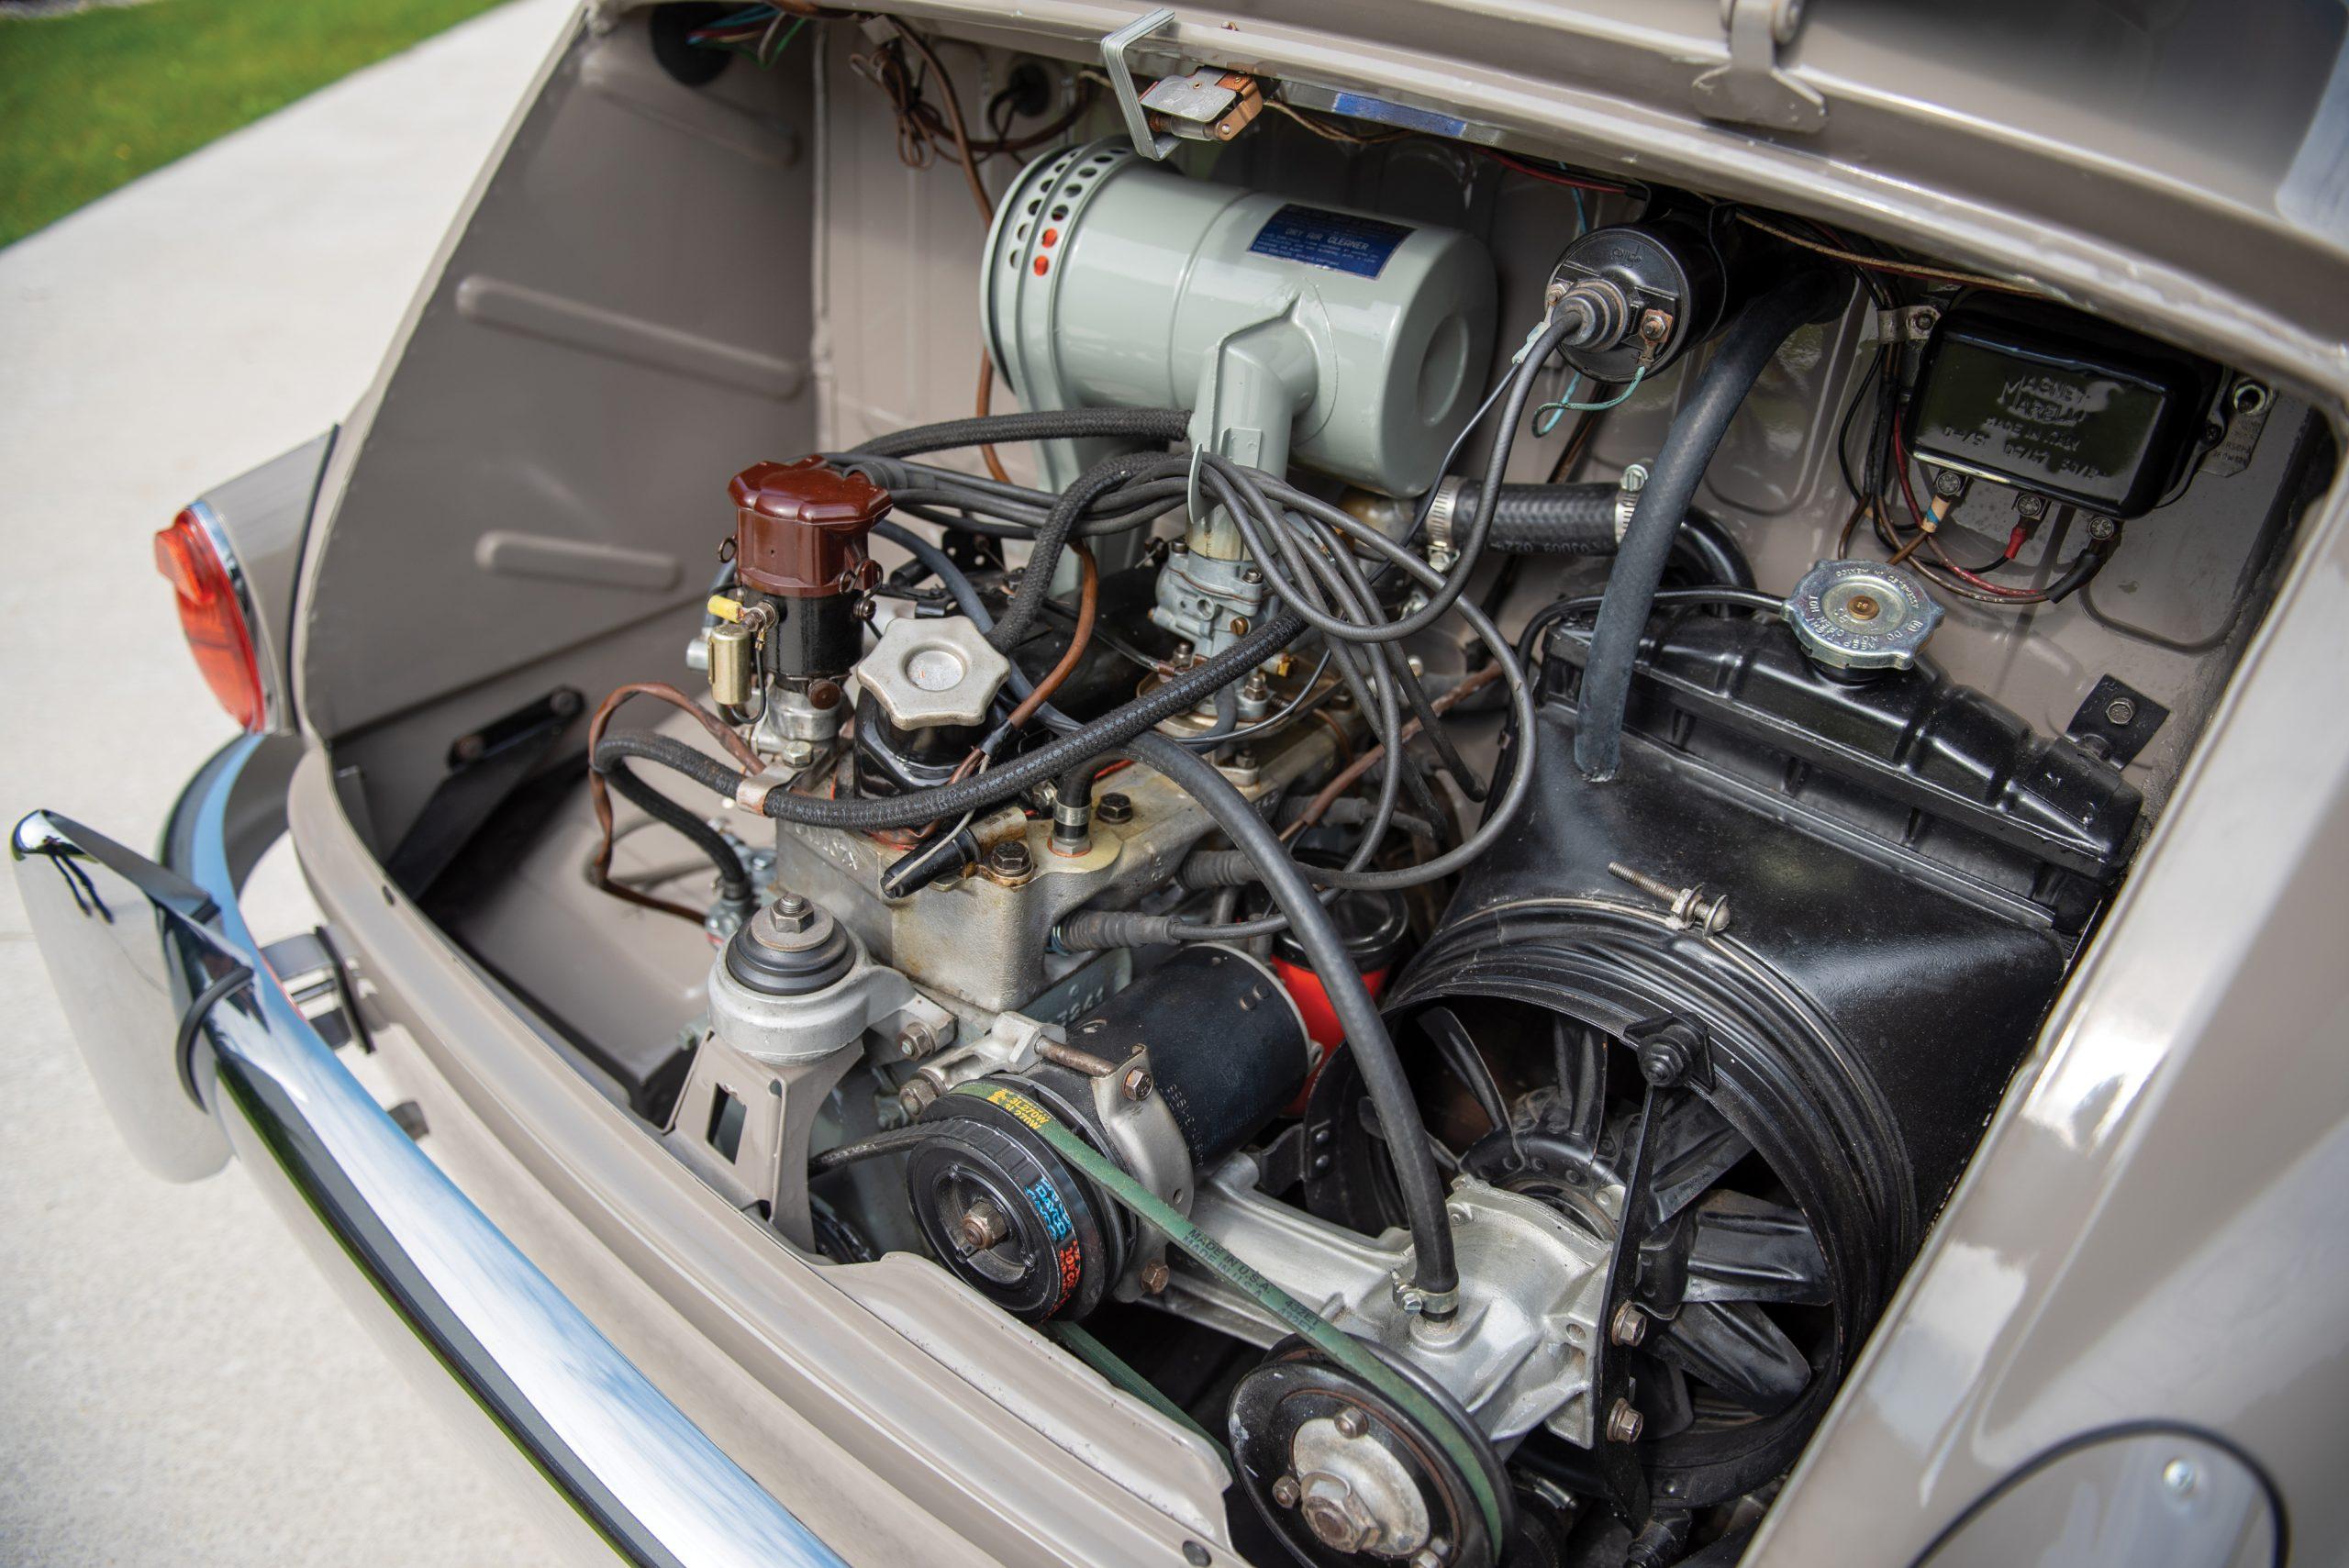 1958 Fiat 600 Multipla engine